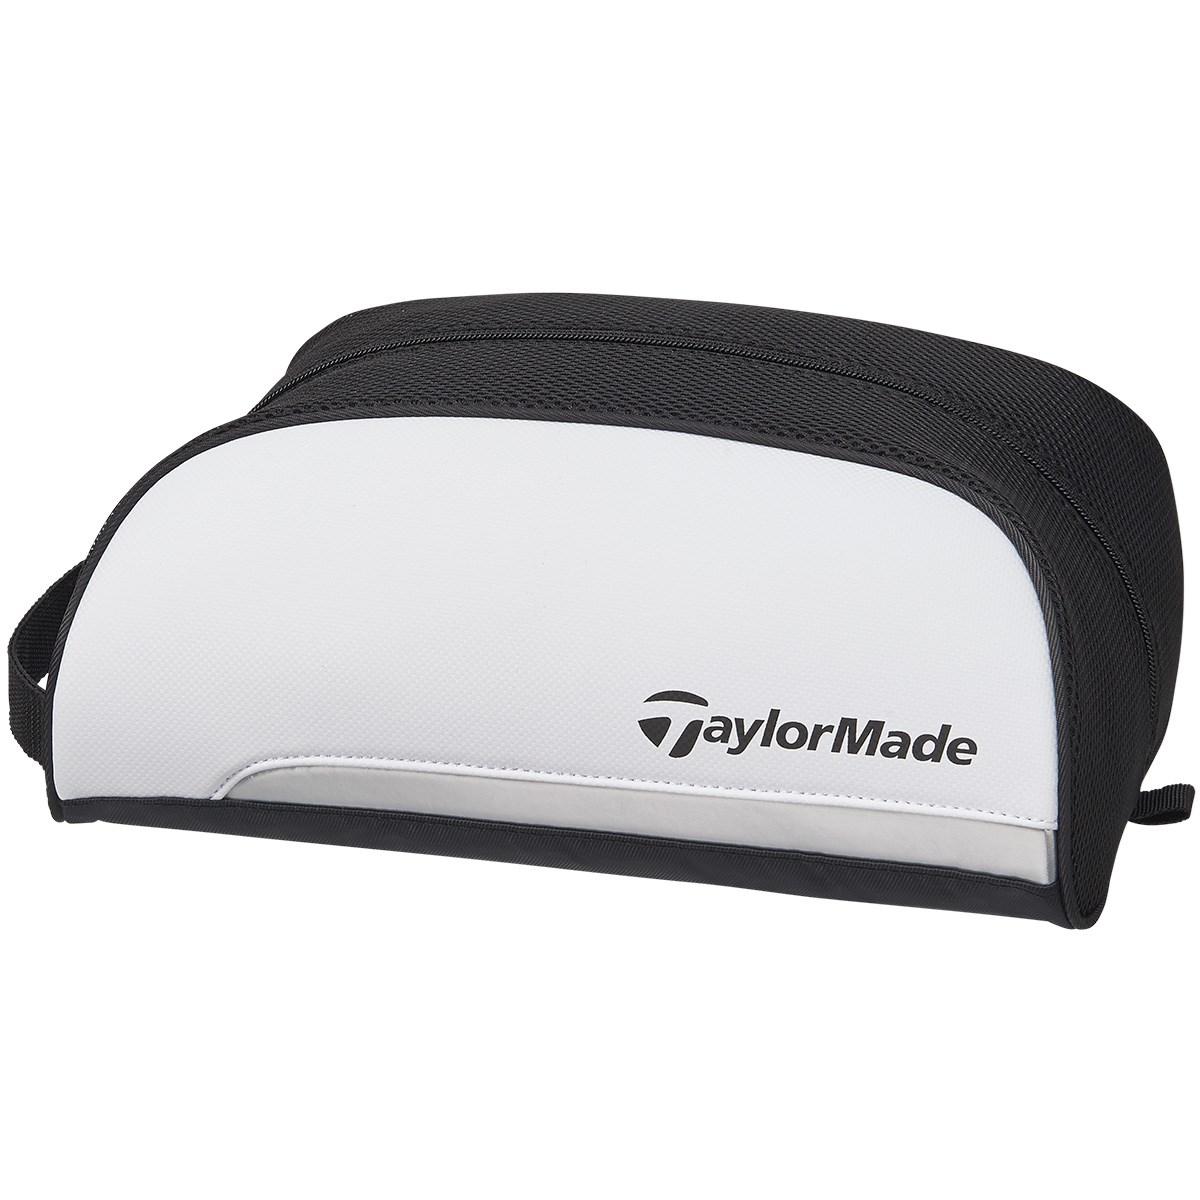 テーラーメイド Taylor Made トゥルーライト シューズケース ホワイト/ブラック